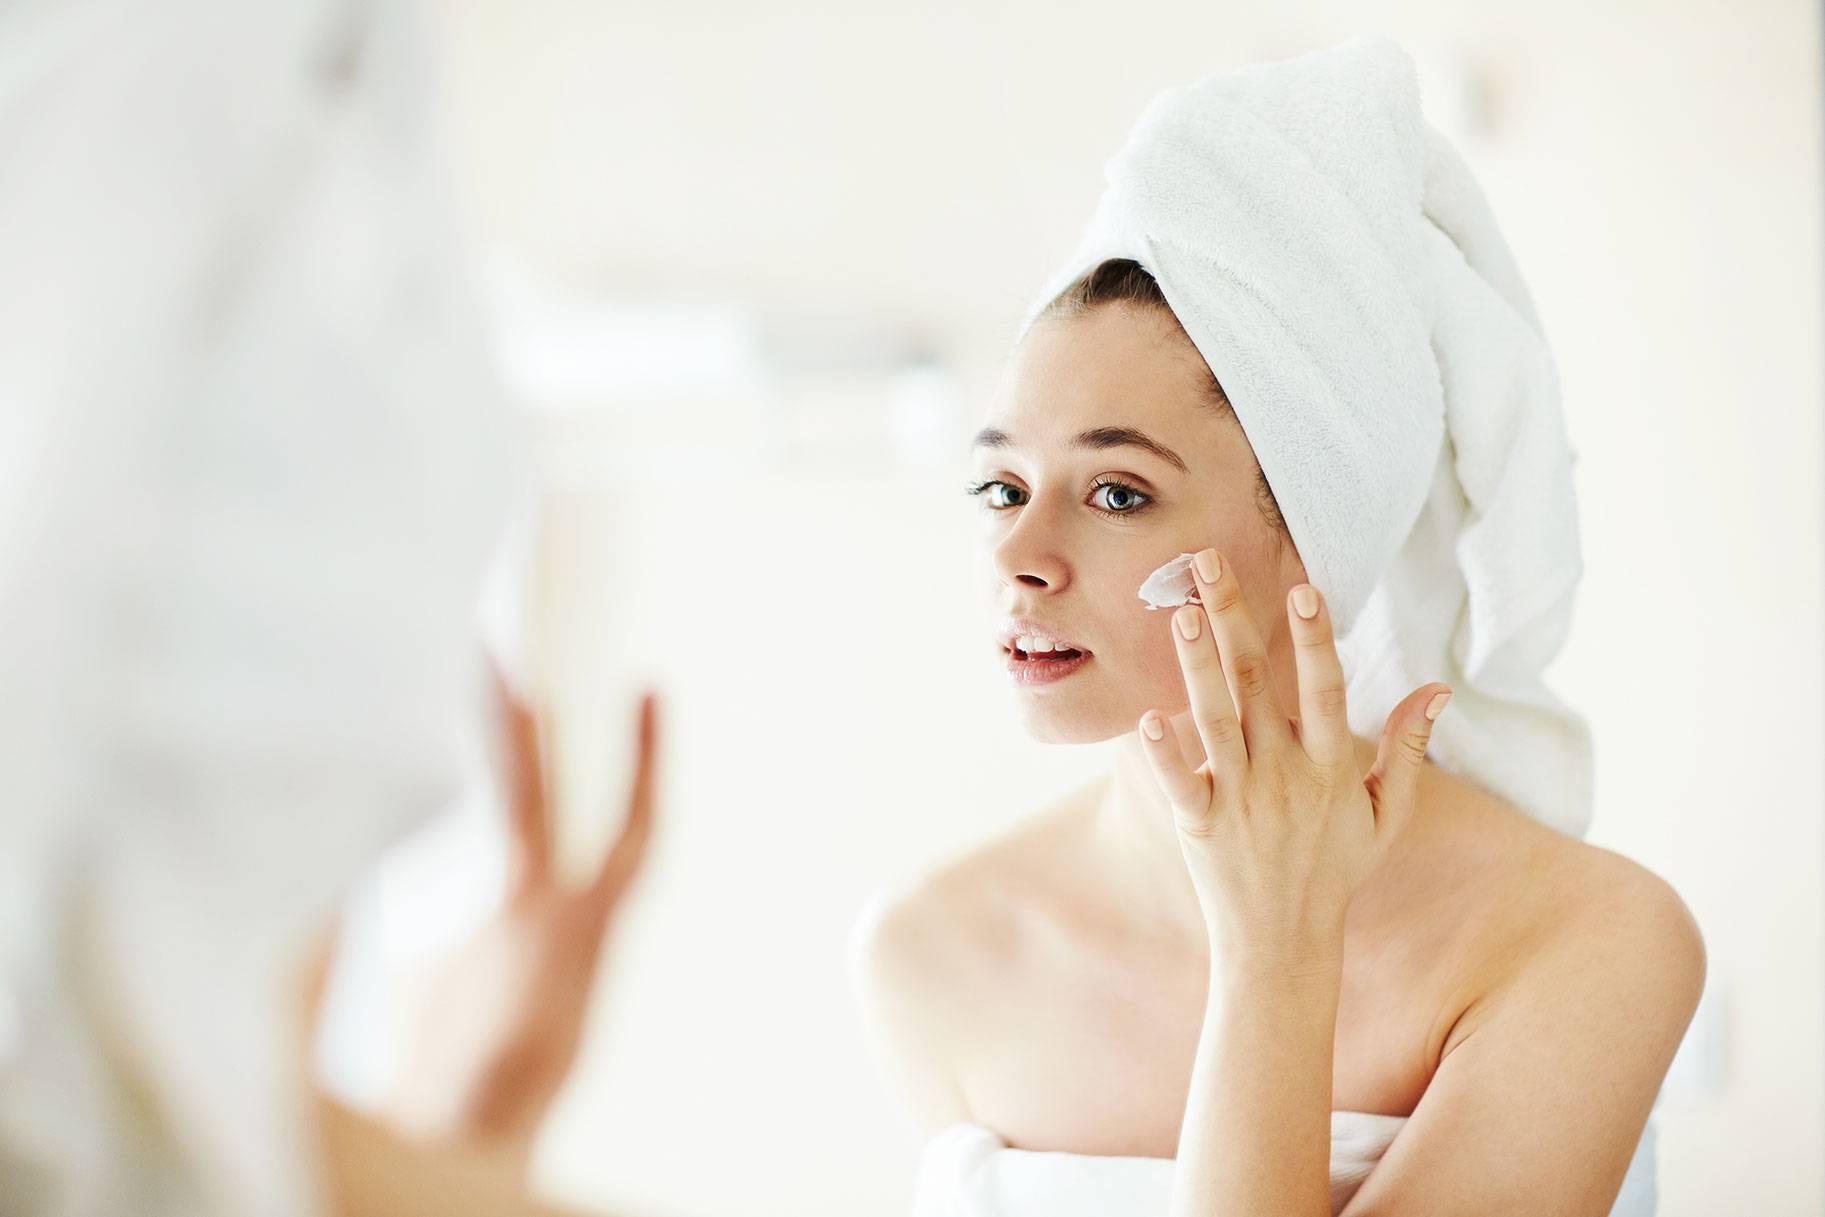 Крем для комбинированной кожи лица, какой лучше после 30 лет